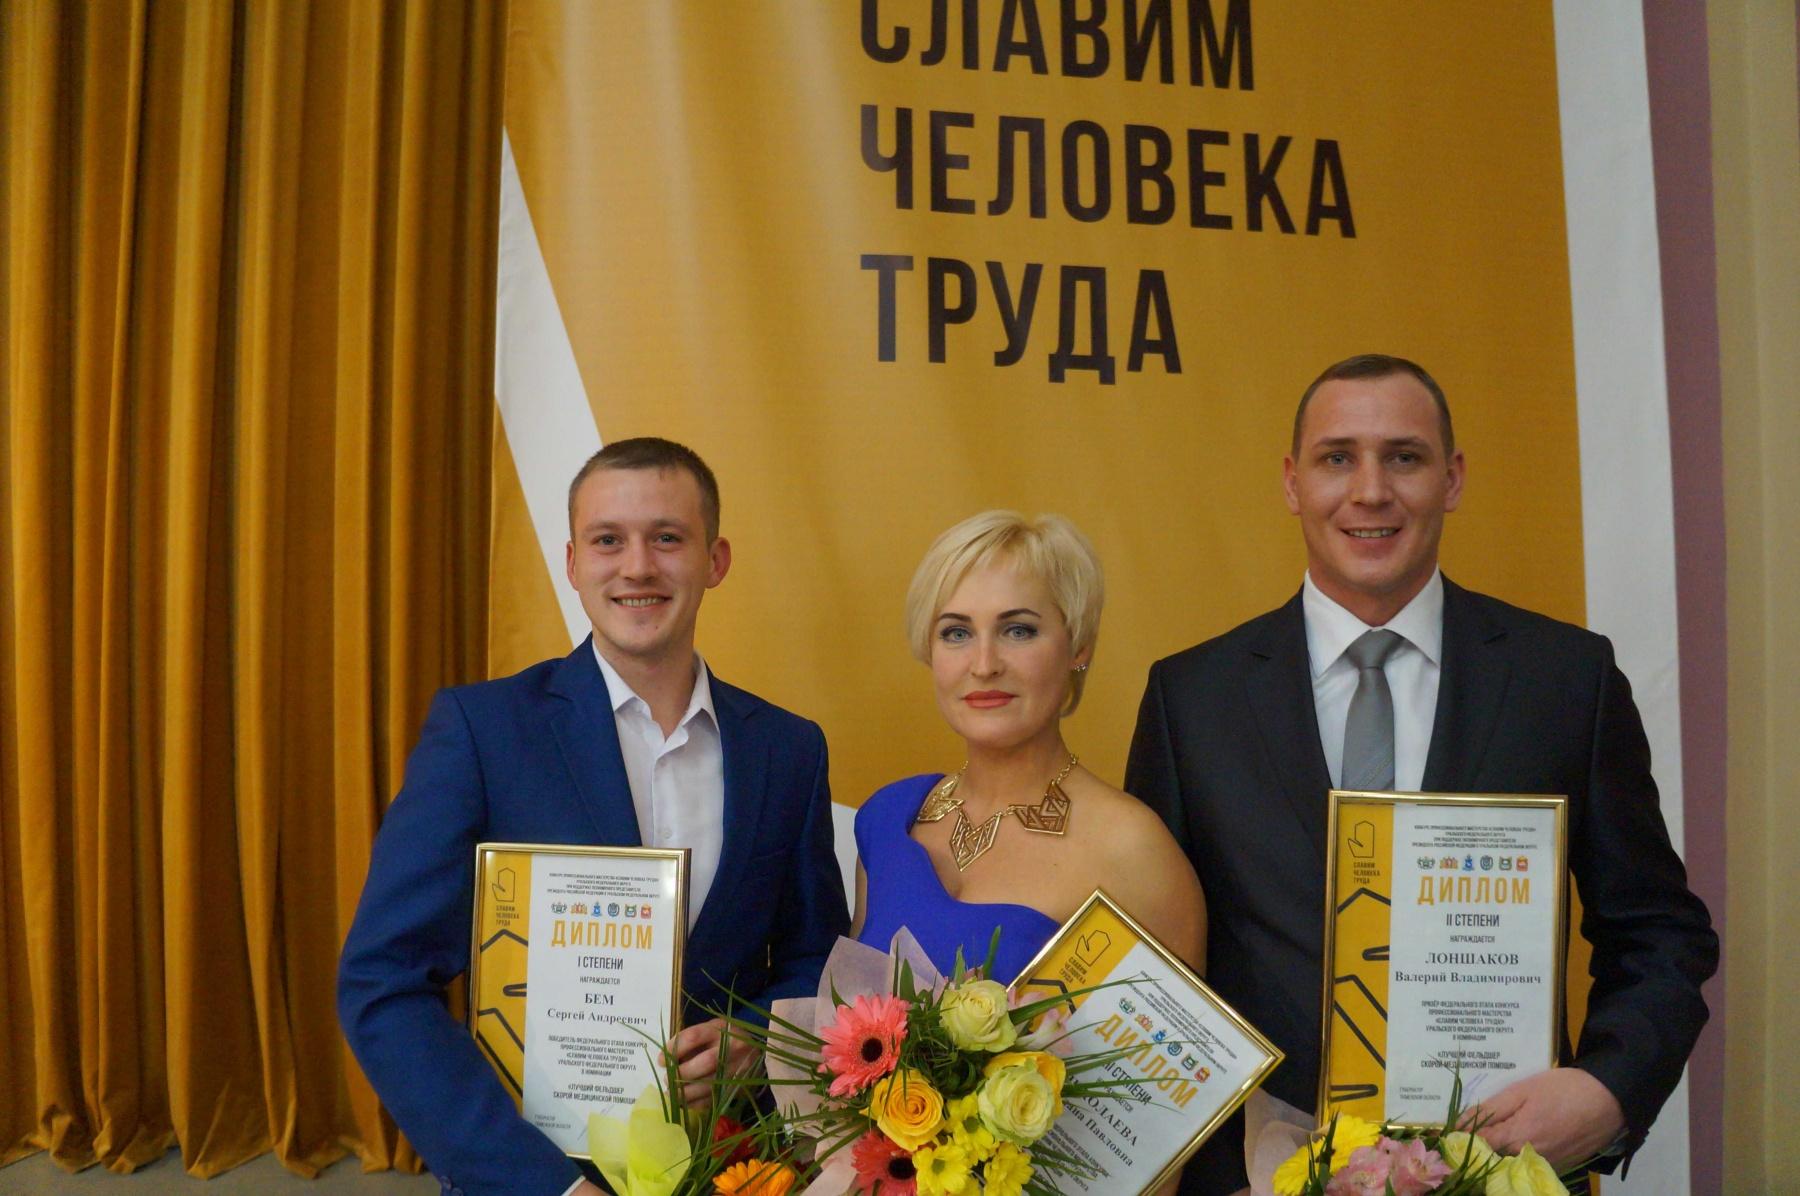 Фельдшер изНягани вошла вчисло лауреатов конкурса профмастерства «Славим человека труда!»